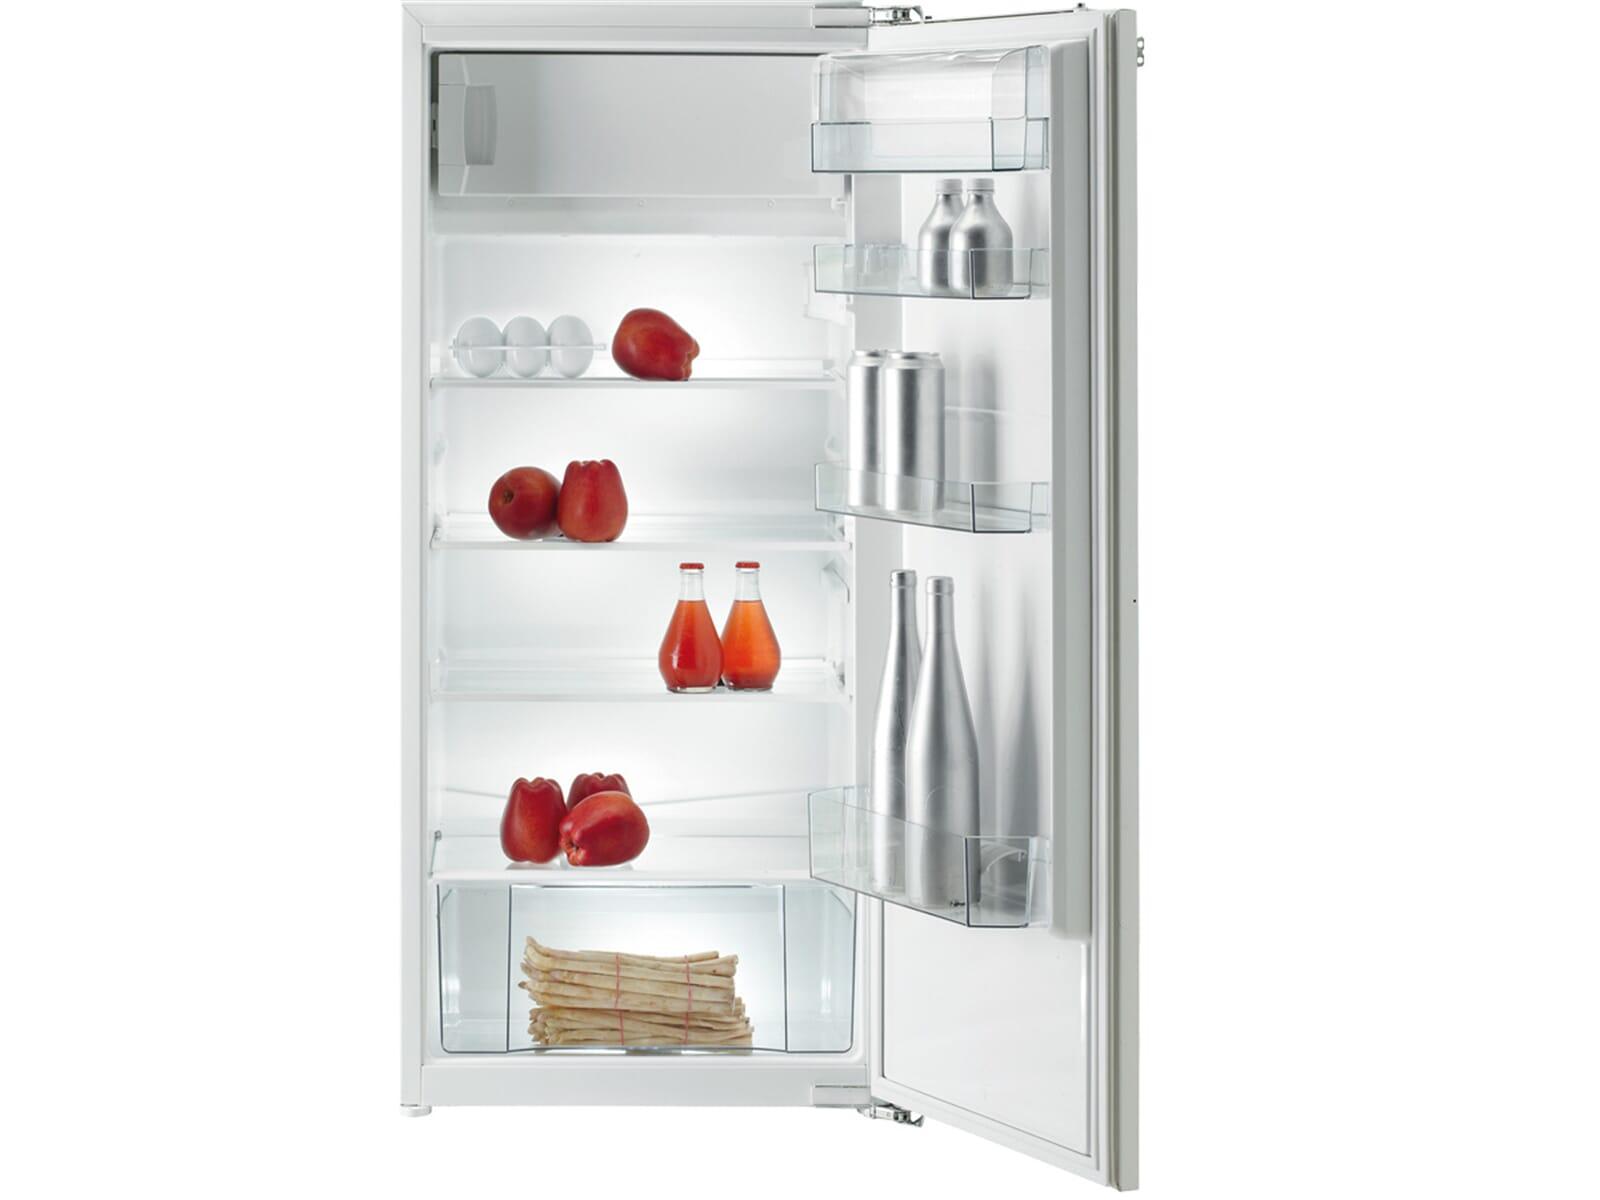 Gorenje RBI 5122 AW Einbaukühlschrank